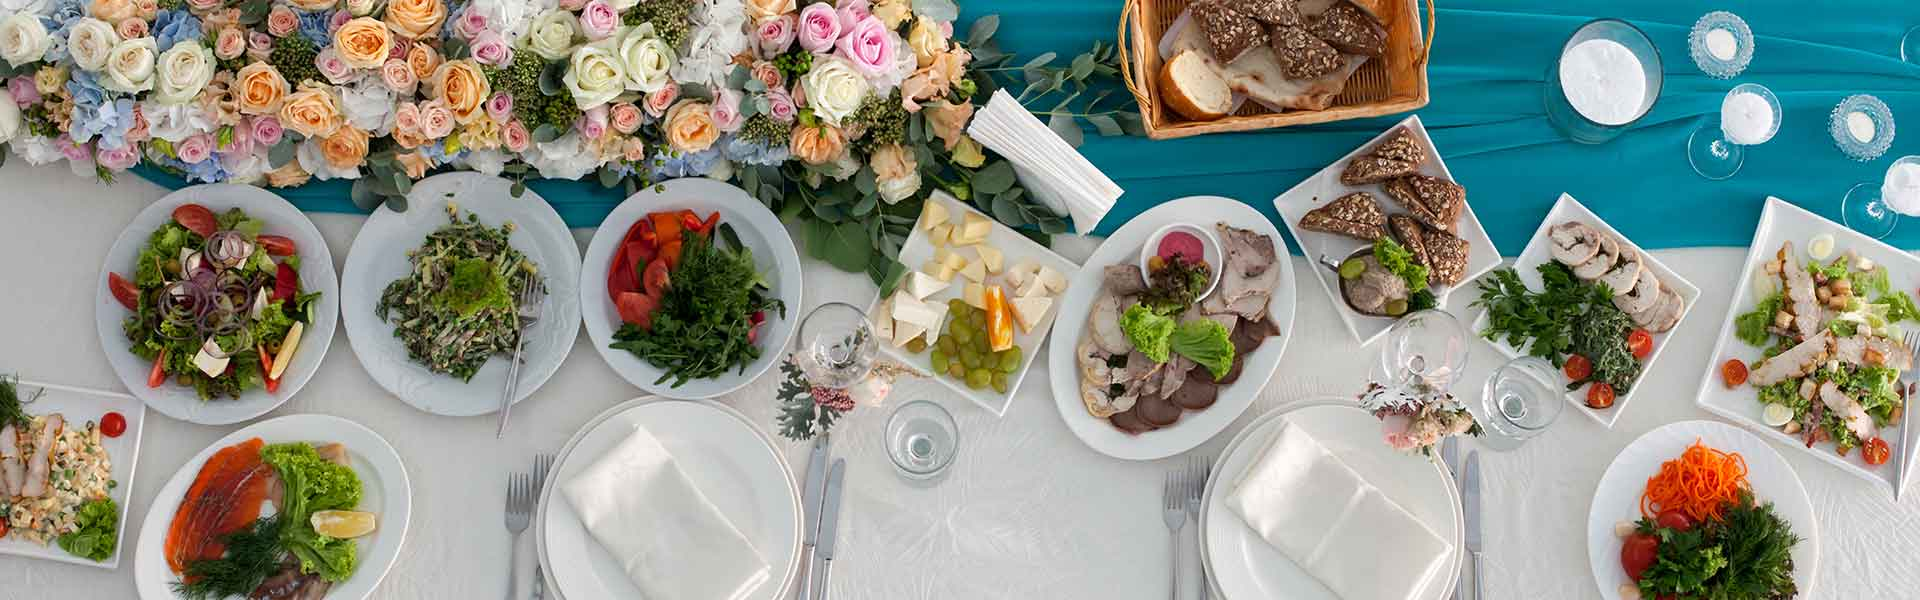 basso costo catering matrimonio